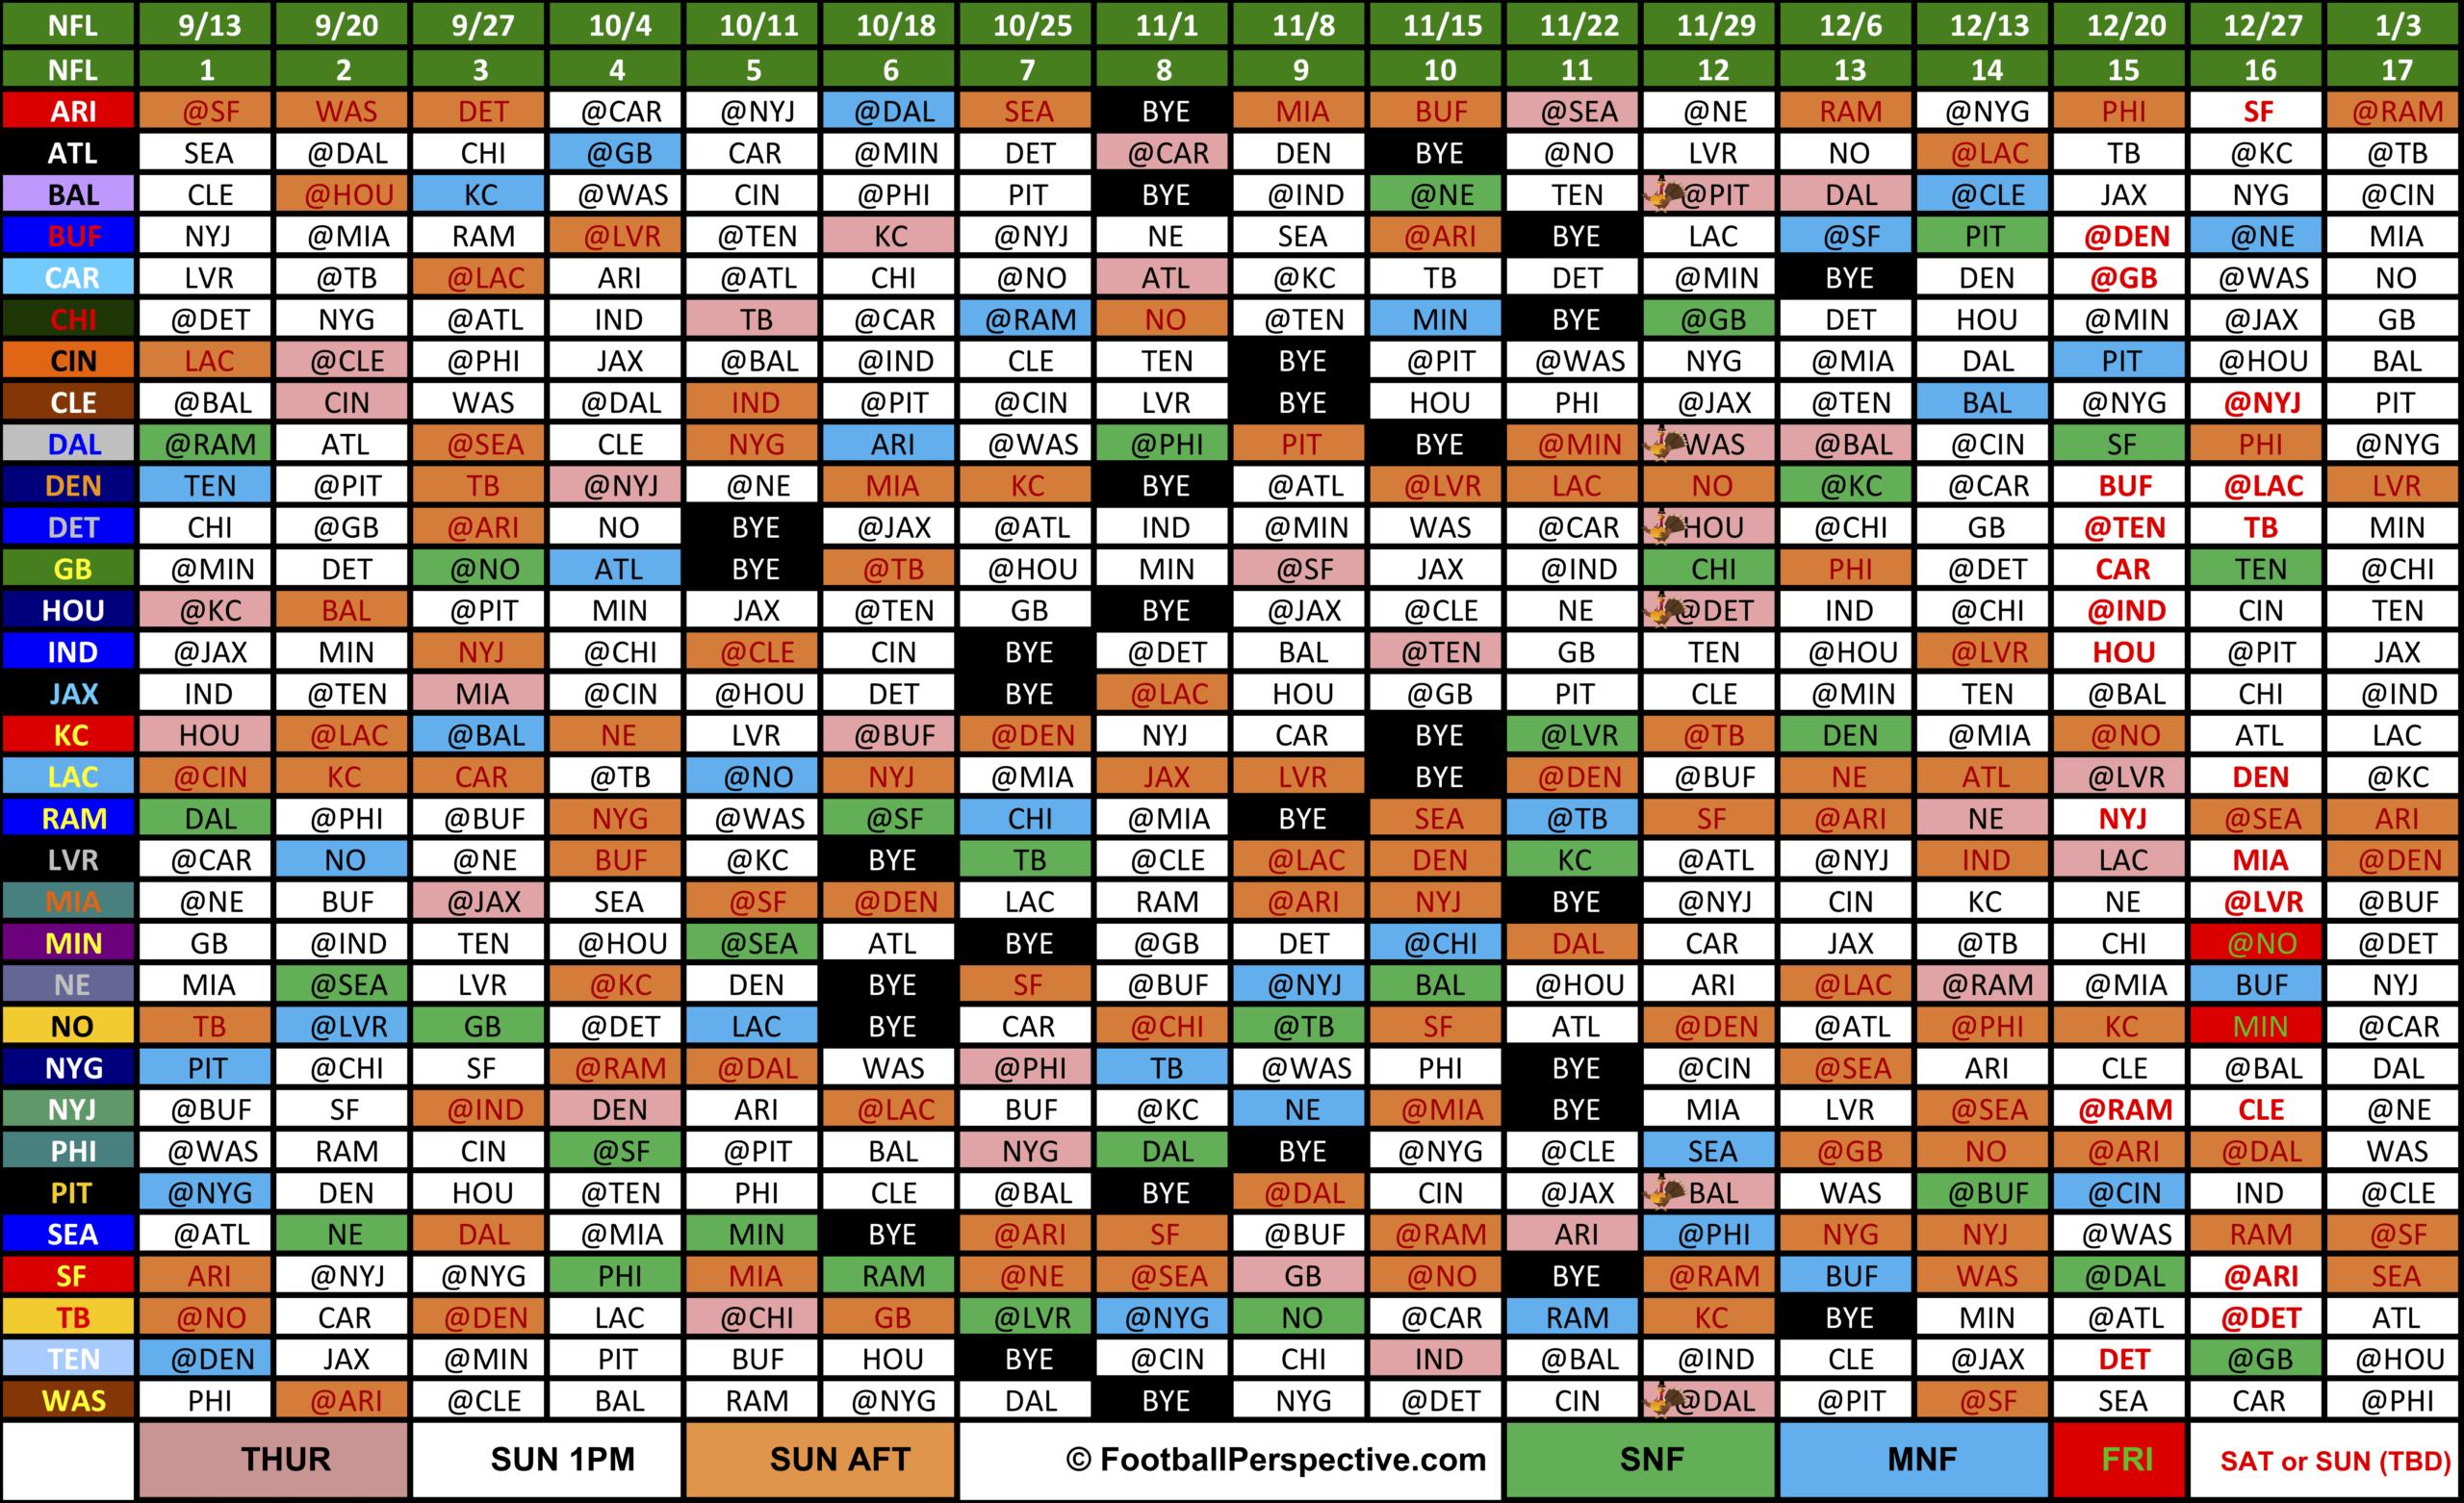 The 2020 Nfl Schedule in Printable Nfl 2021 Schedule